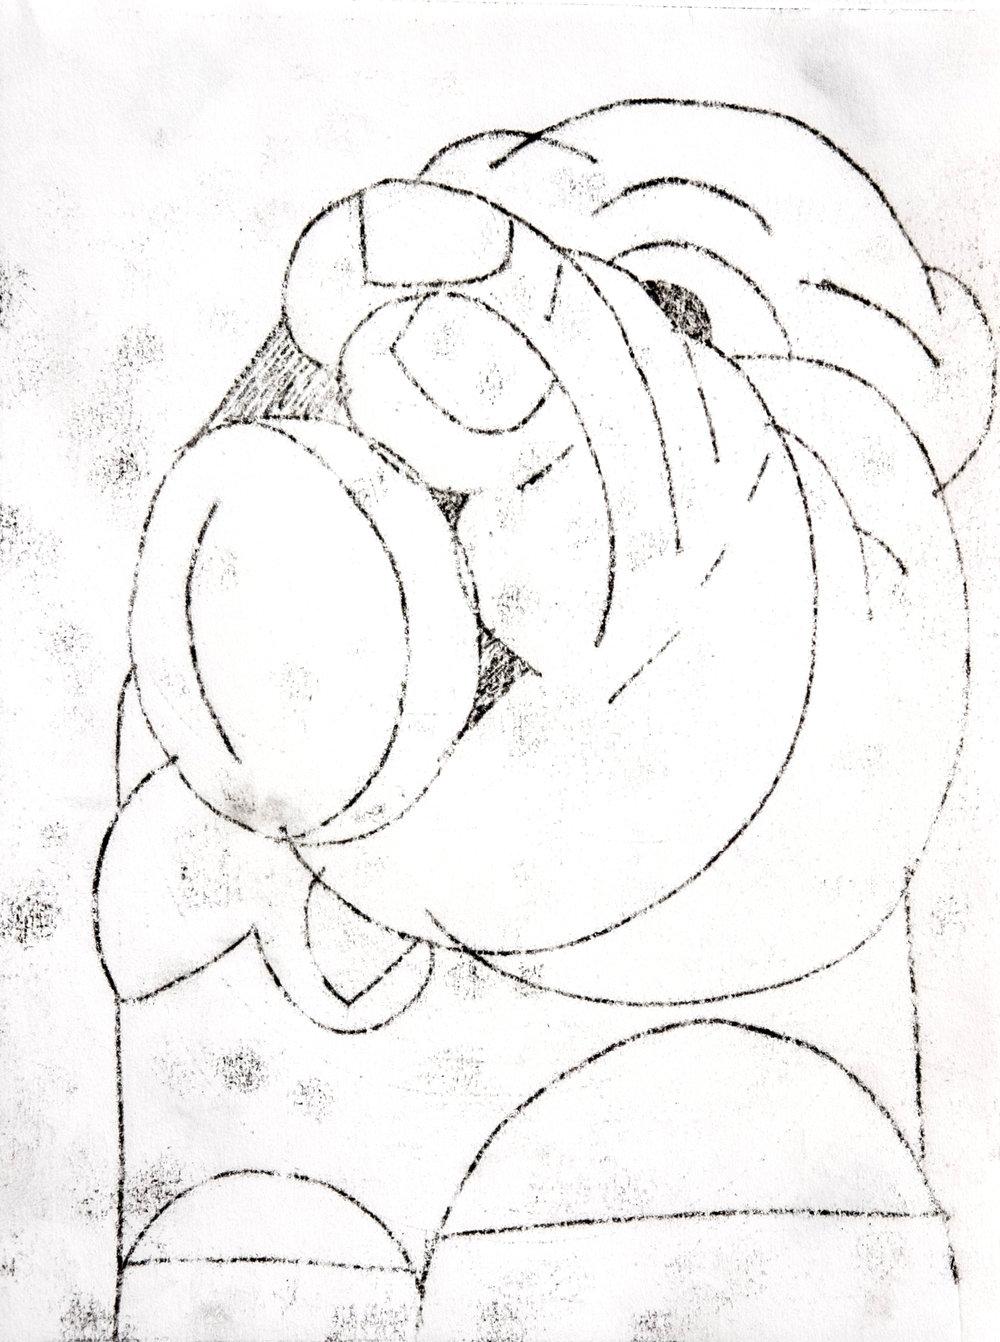 DSCF9610-11 (2).jpg